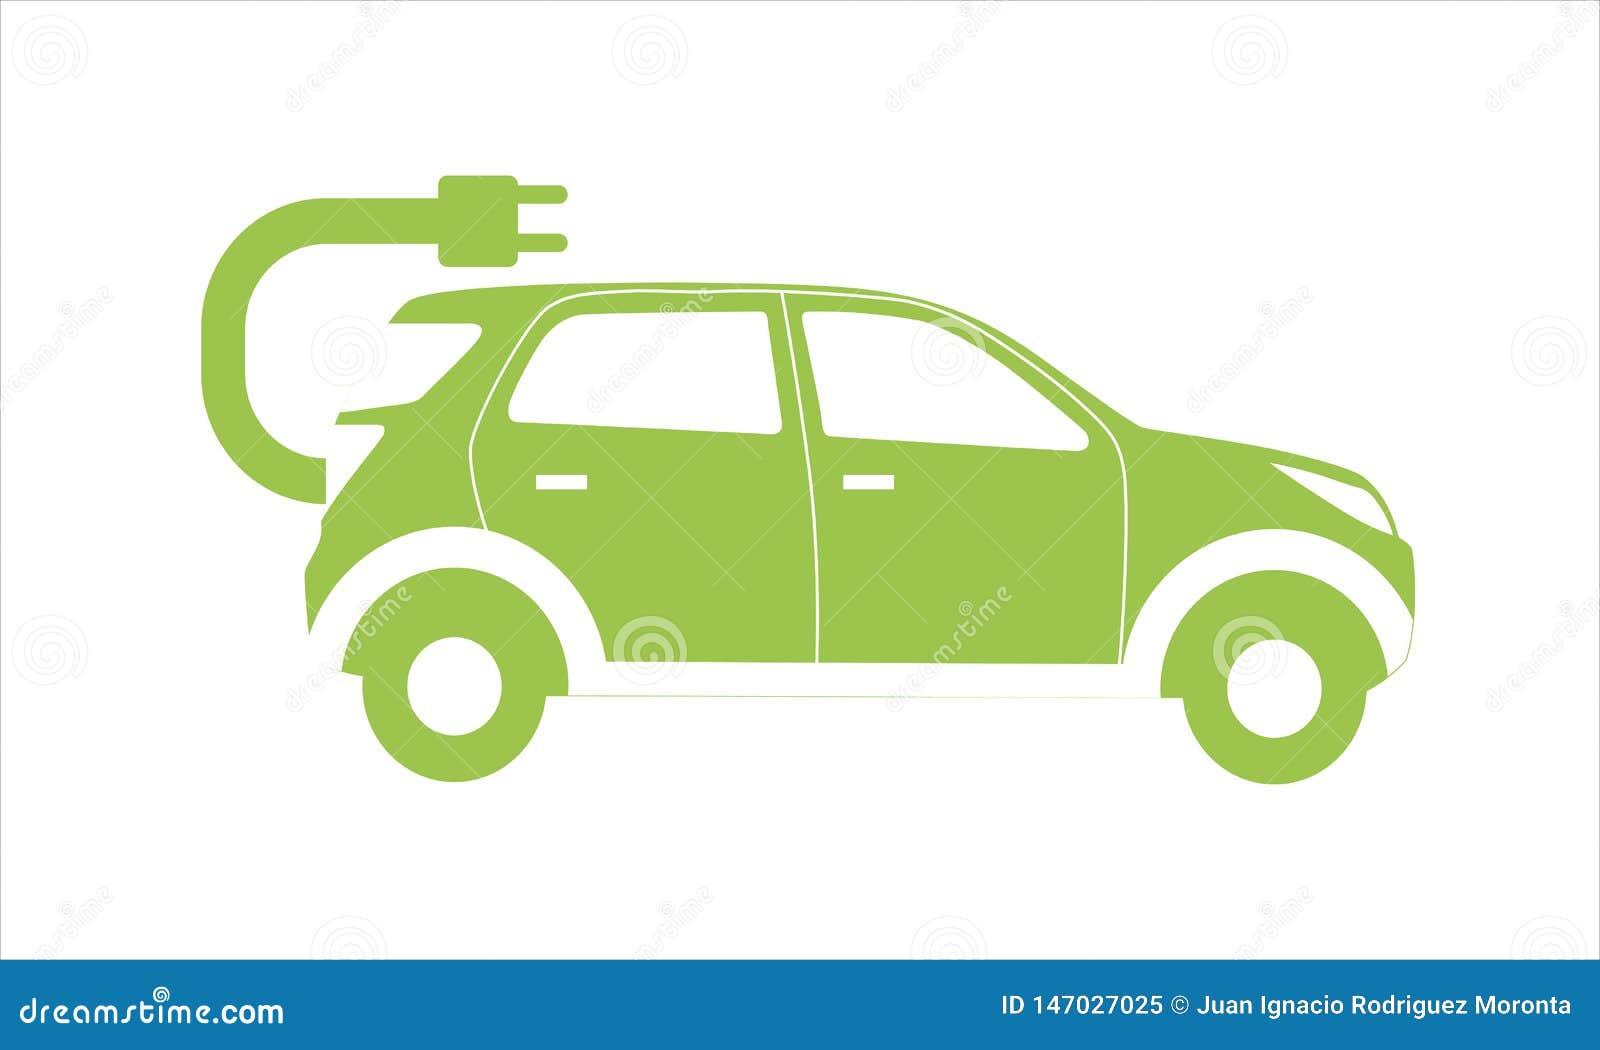 Icono vectorial del coche eléctrico